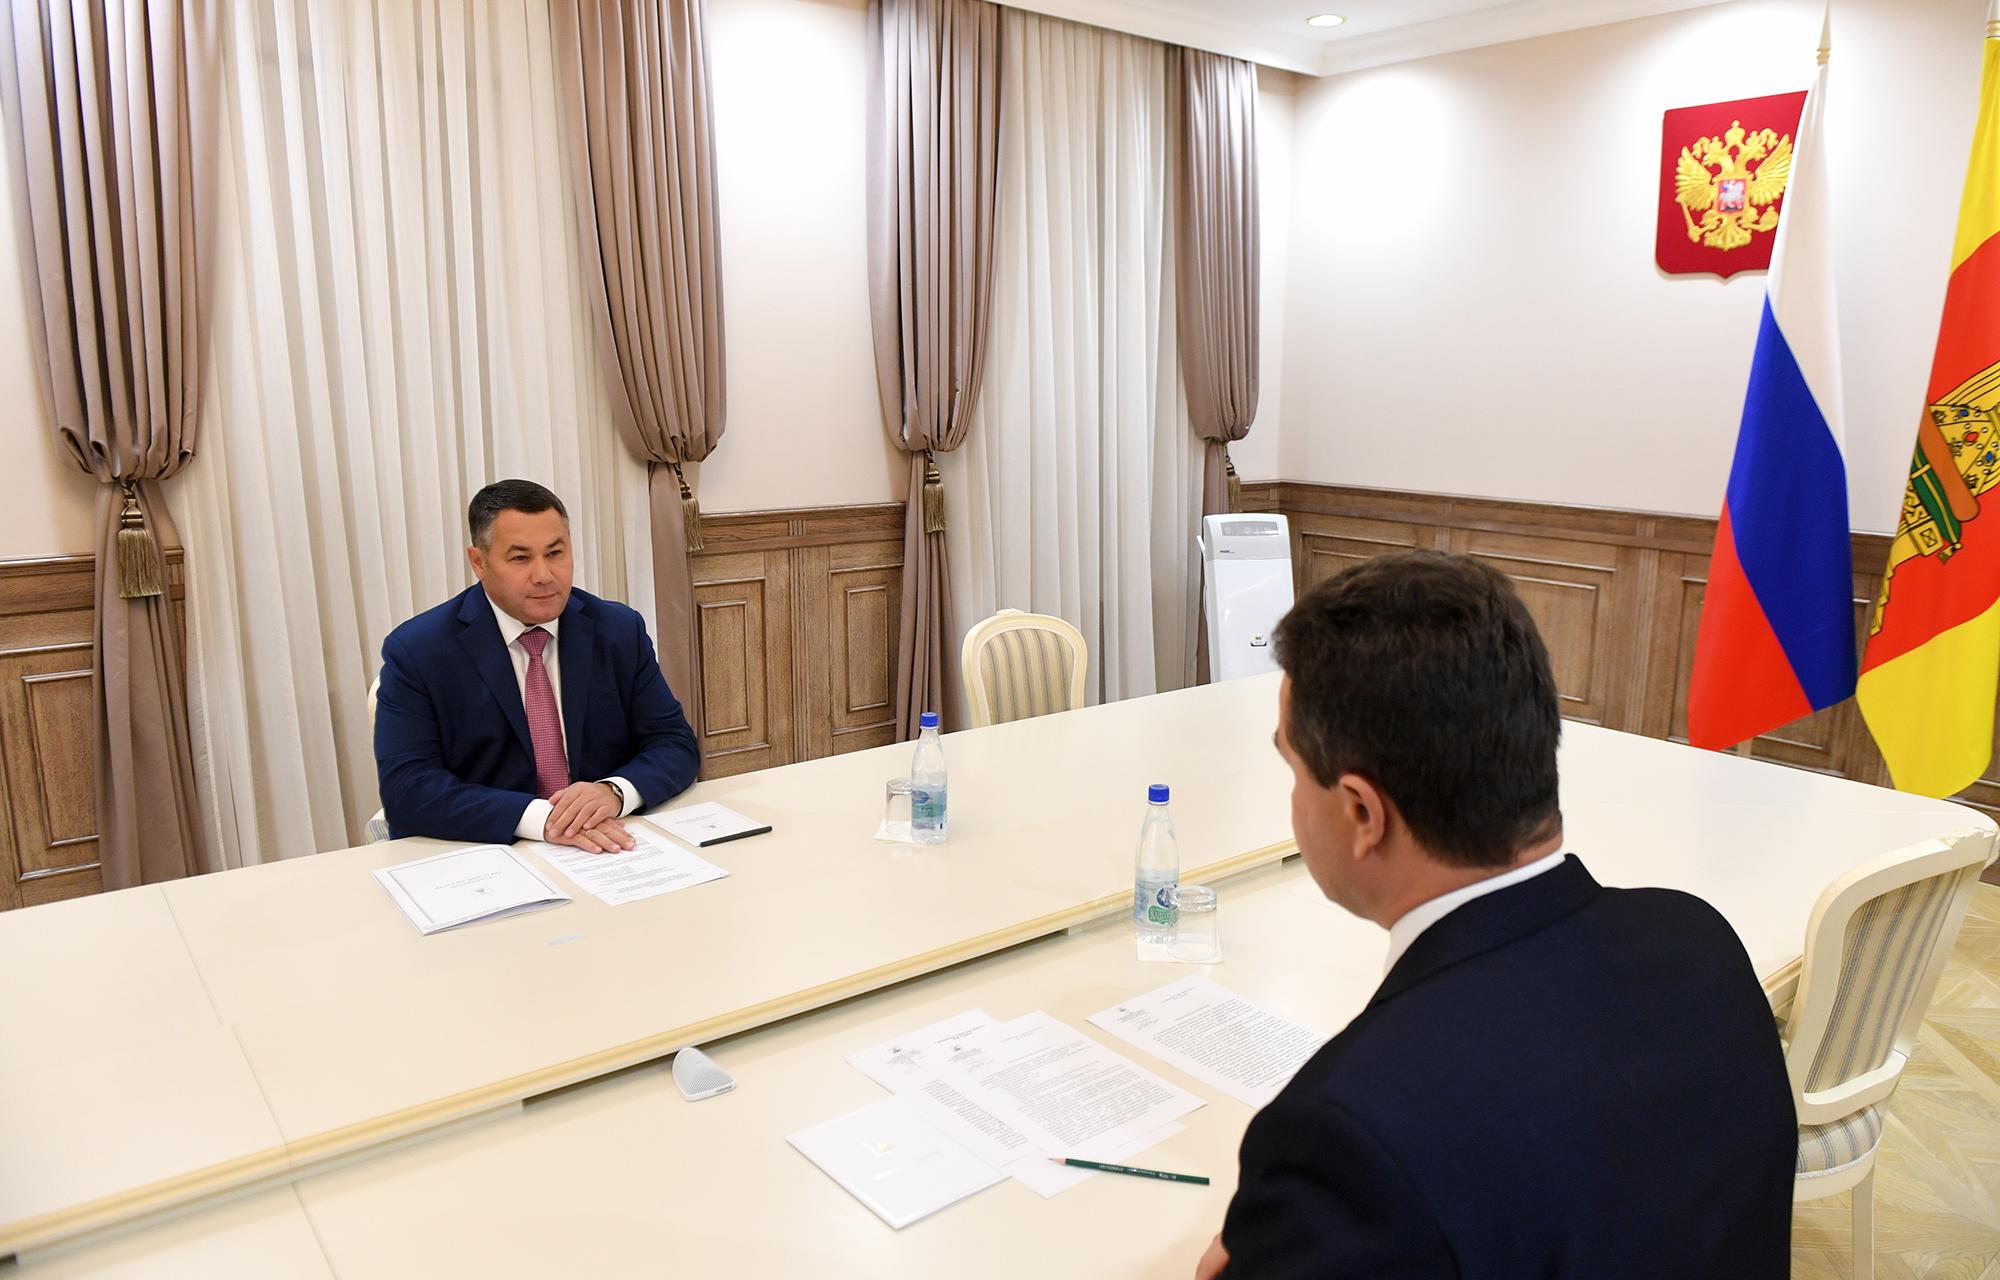 Игорь Руденя и глава Жарковского района обсудили отопительный сезон, развитие ЖКХ и ремонт образовательных учреждений